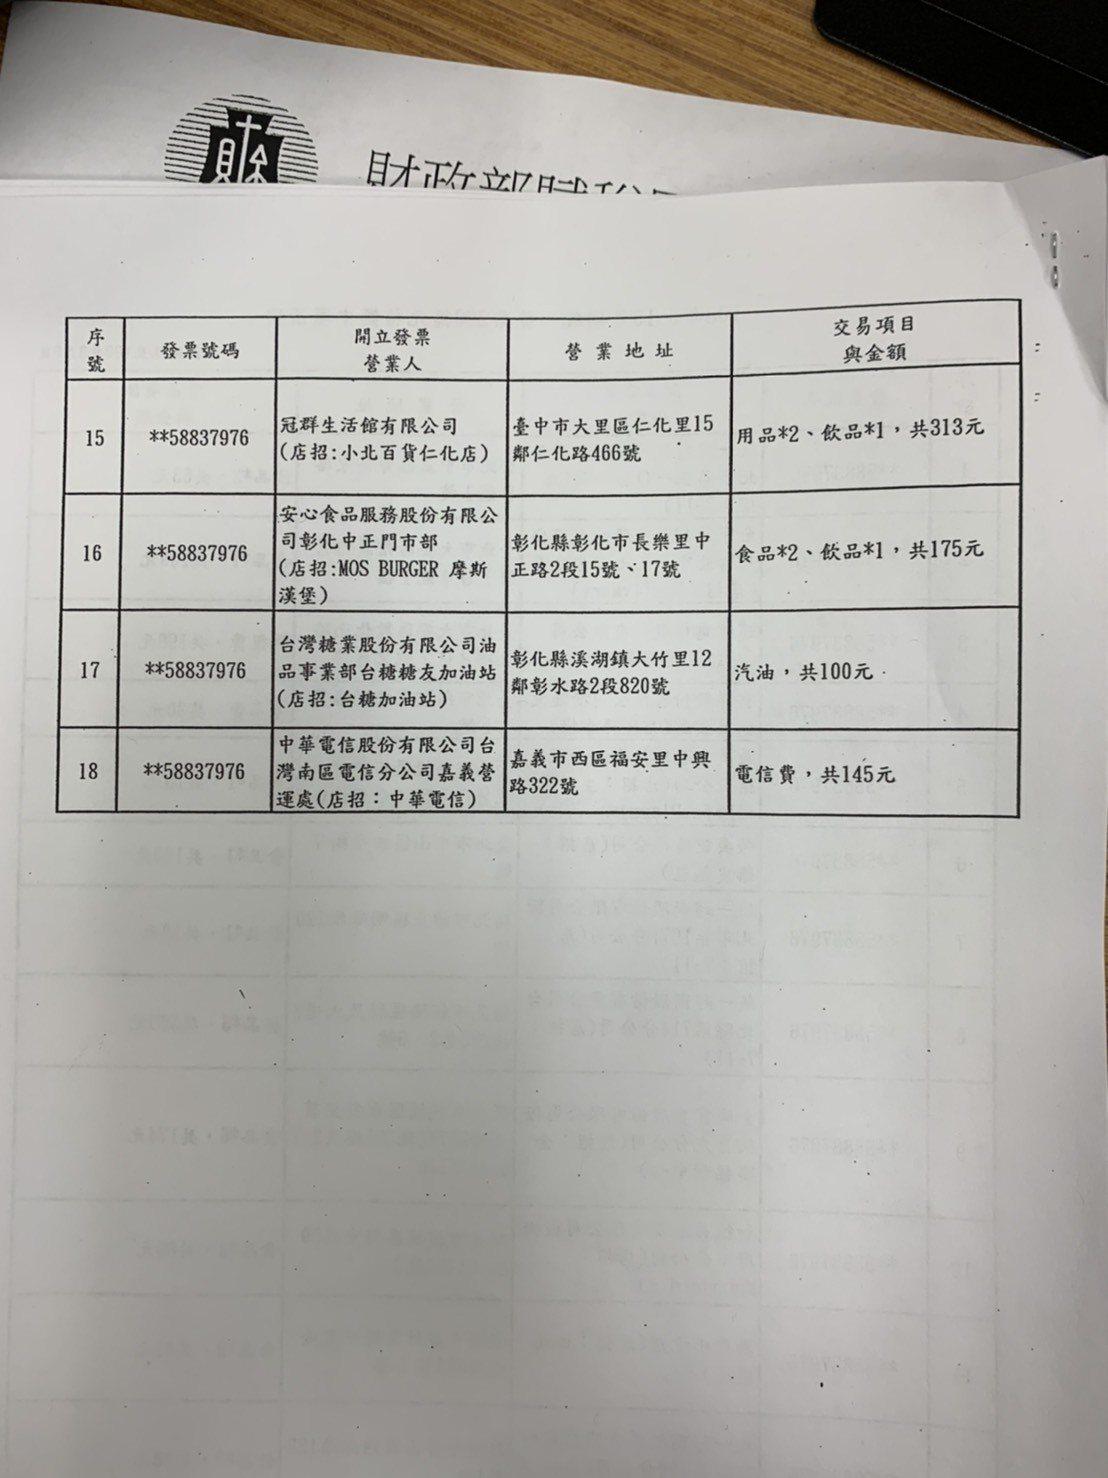 9-10月期統一發票200萬元獎中獎名單。記者沈婉玉/攝影